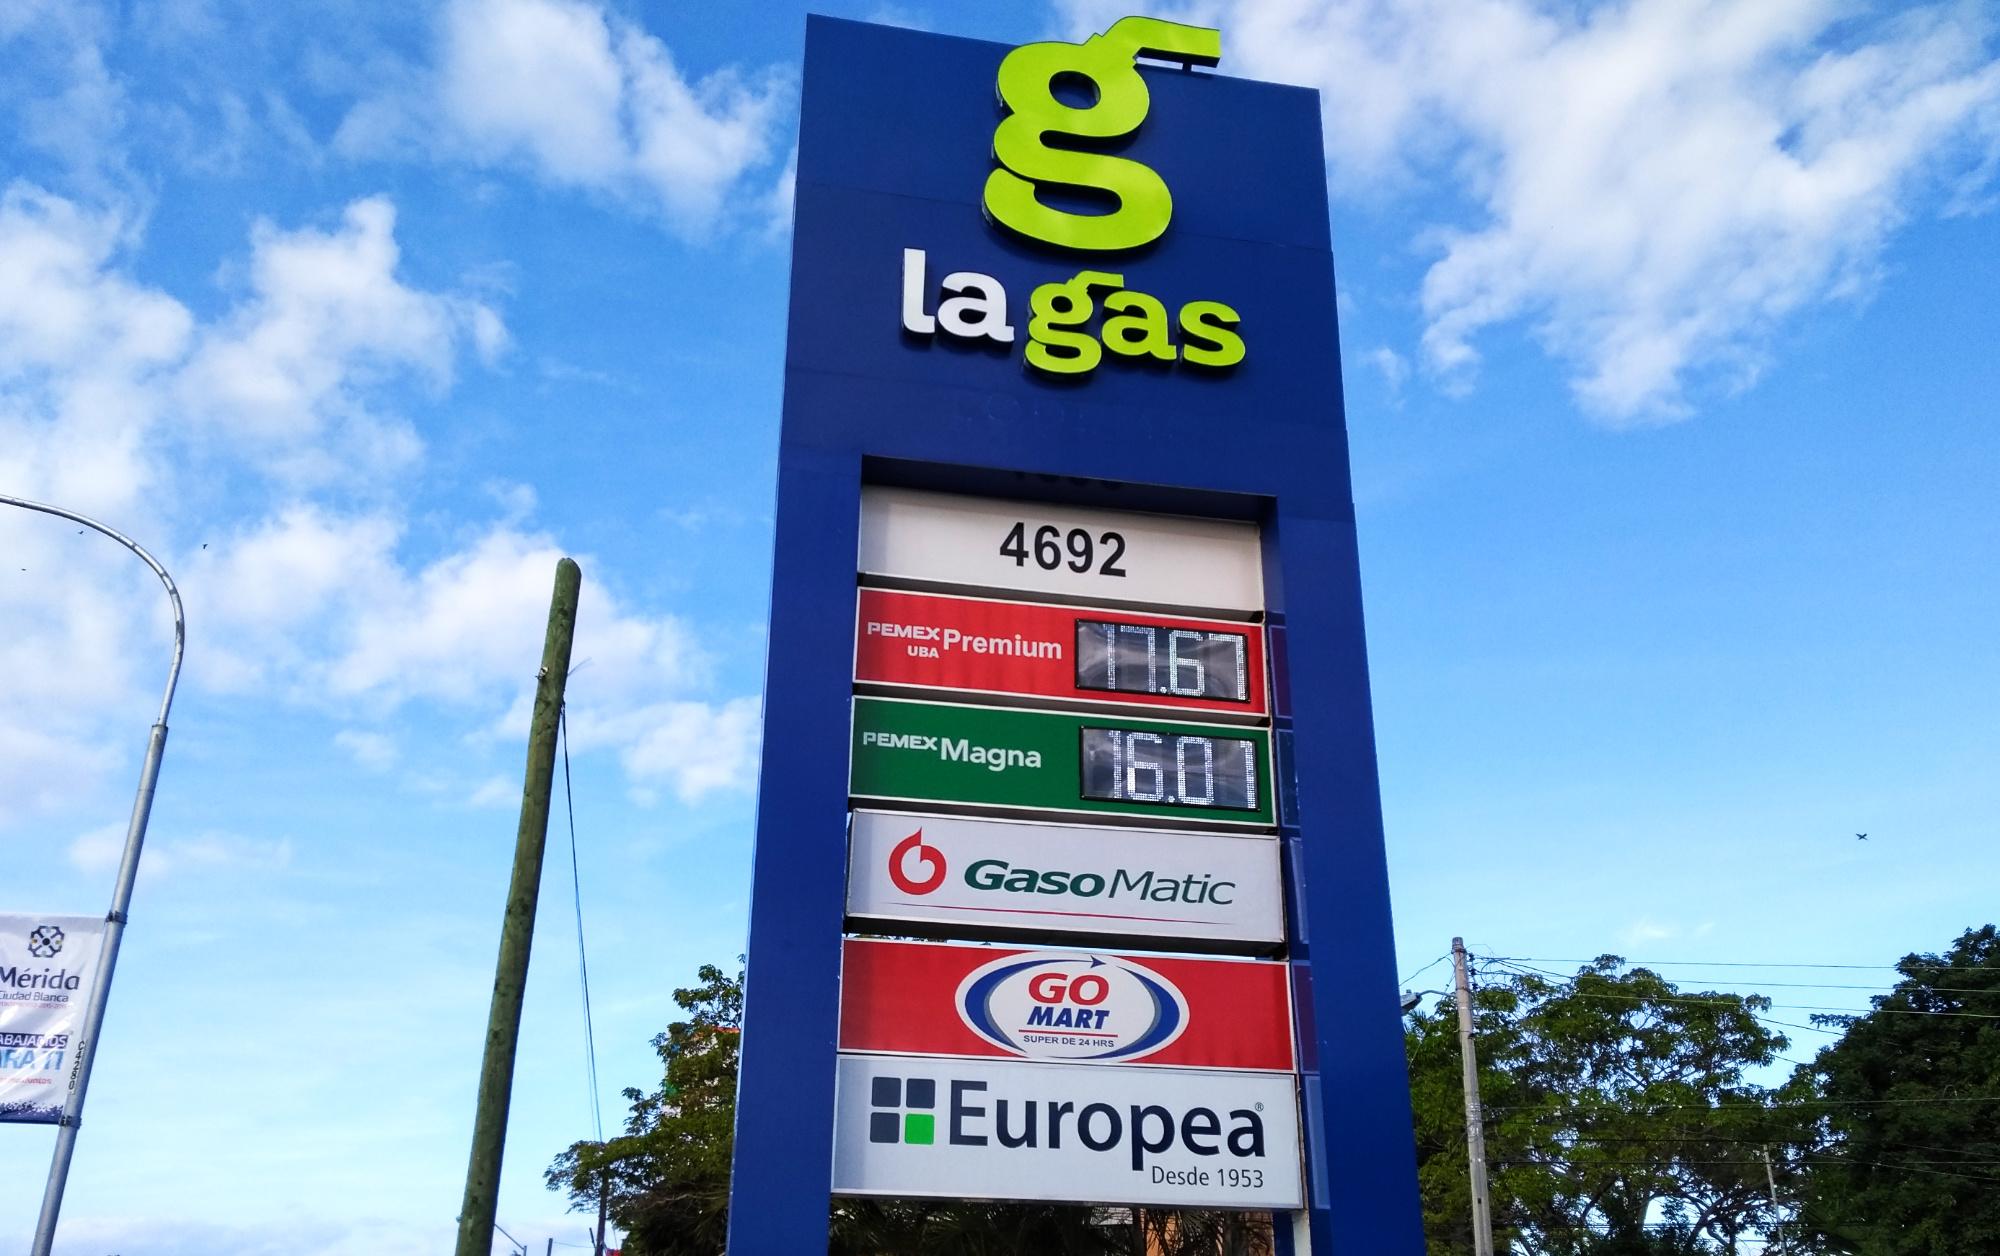 Precios de gasolina en Mérida, por los cielos: Magna <i>brinca</i> los $16 por litro